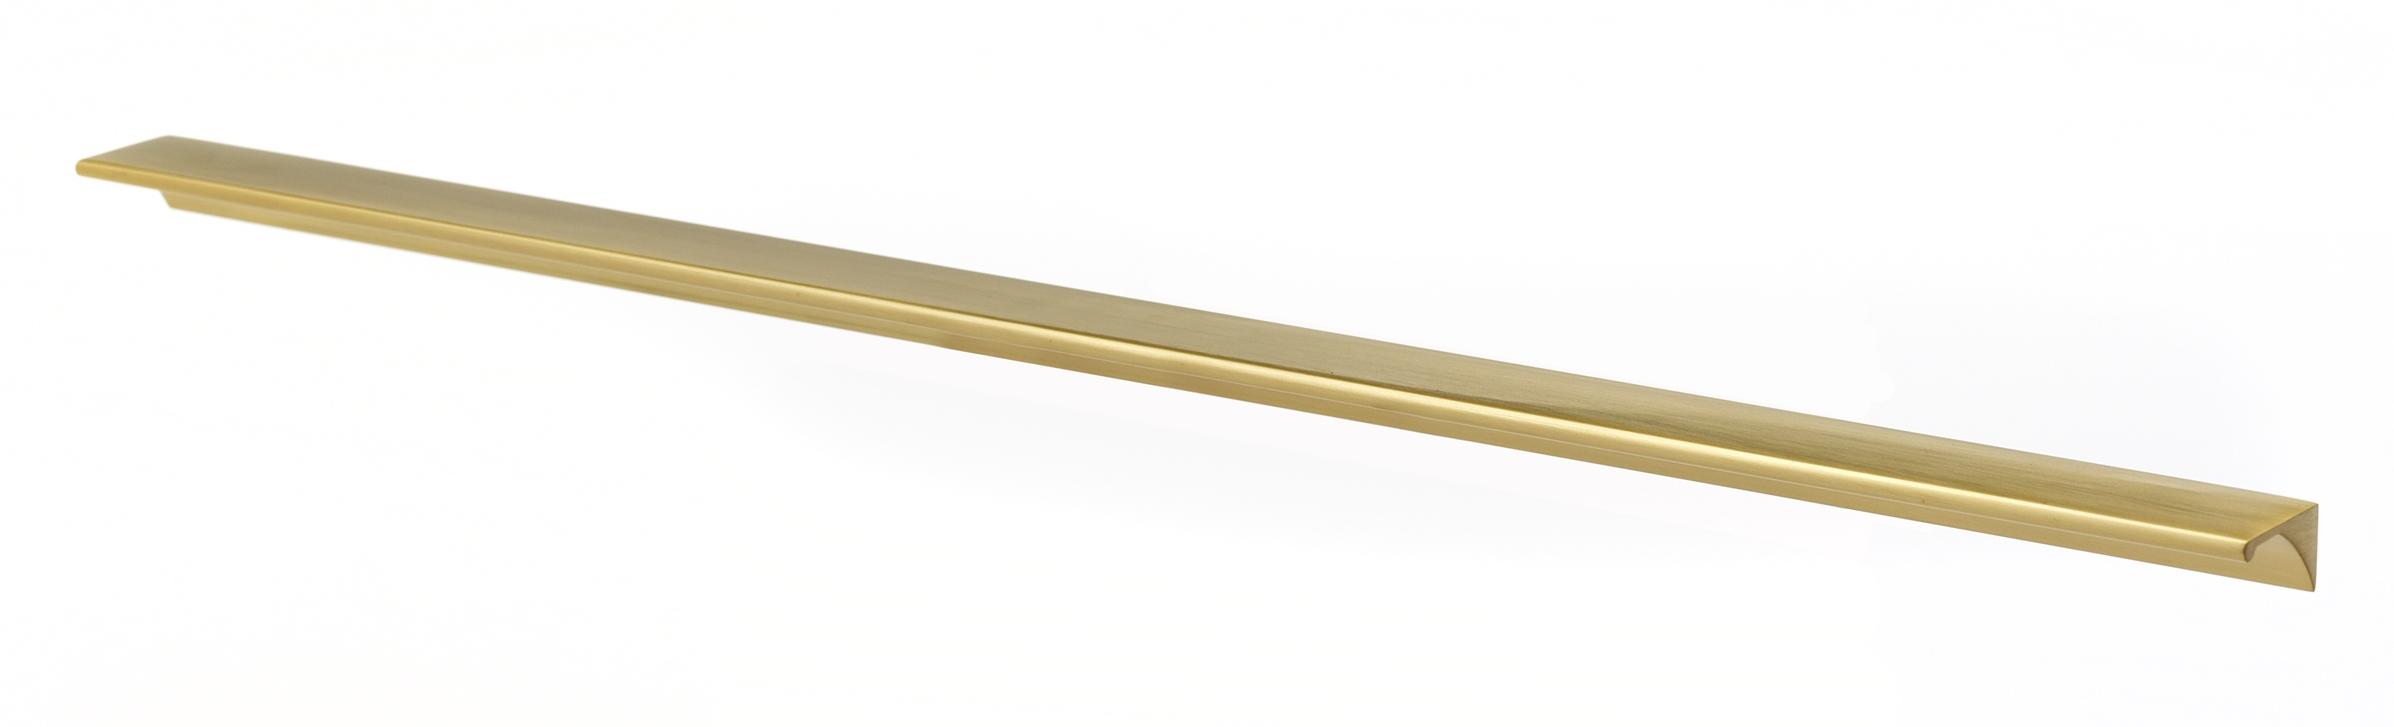 Tab Liance Pulls D970 12